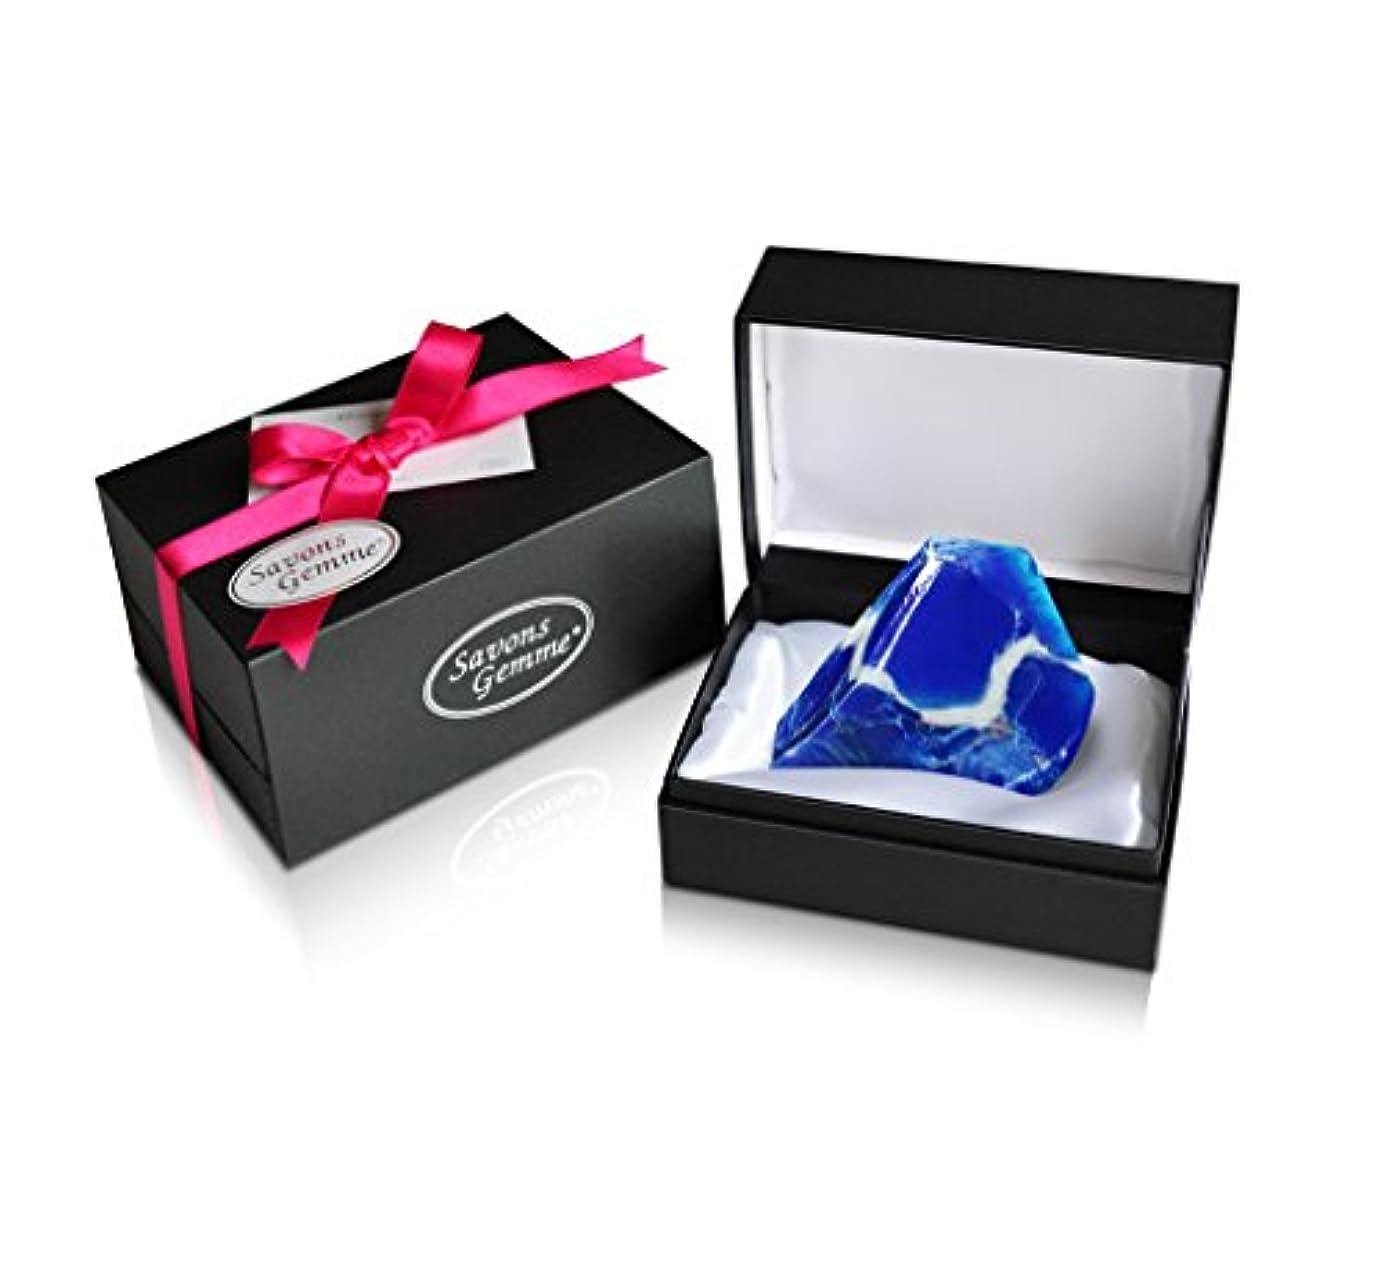 幸運後退するアーサーSavons Gemme サボンジェム ジュエリーギフトボックス 世界で一番美しい宝石石鹸 フレグランス ソープ ラピスラズリィ 170g